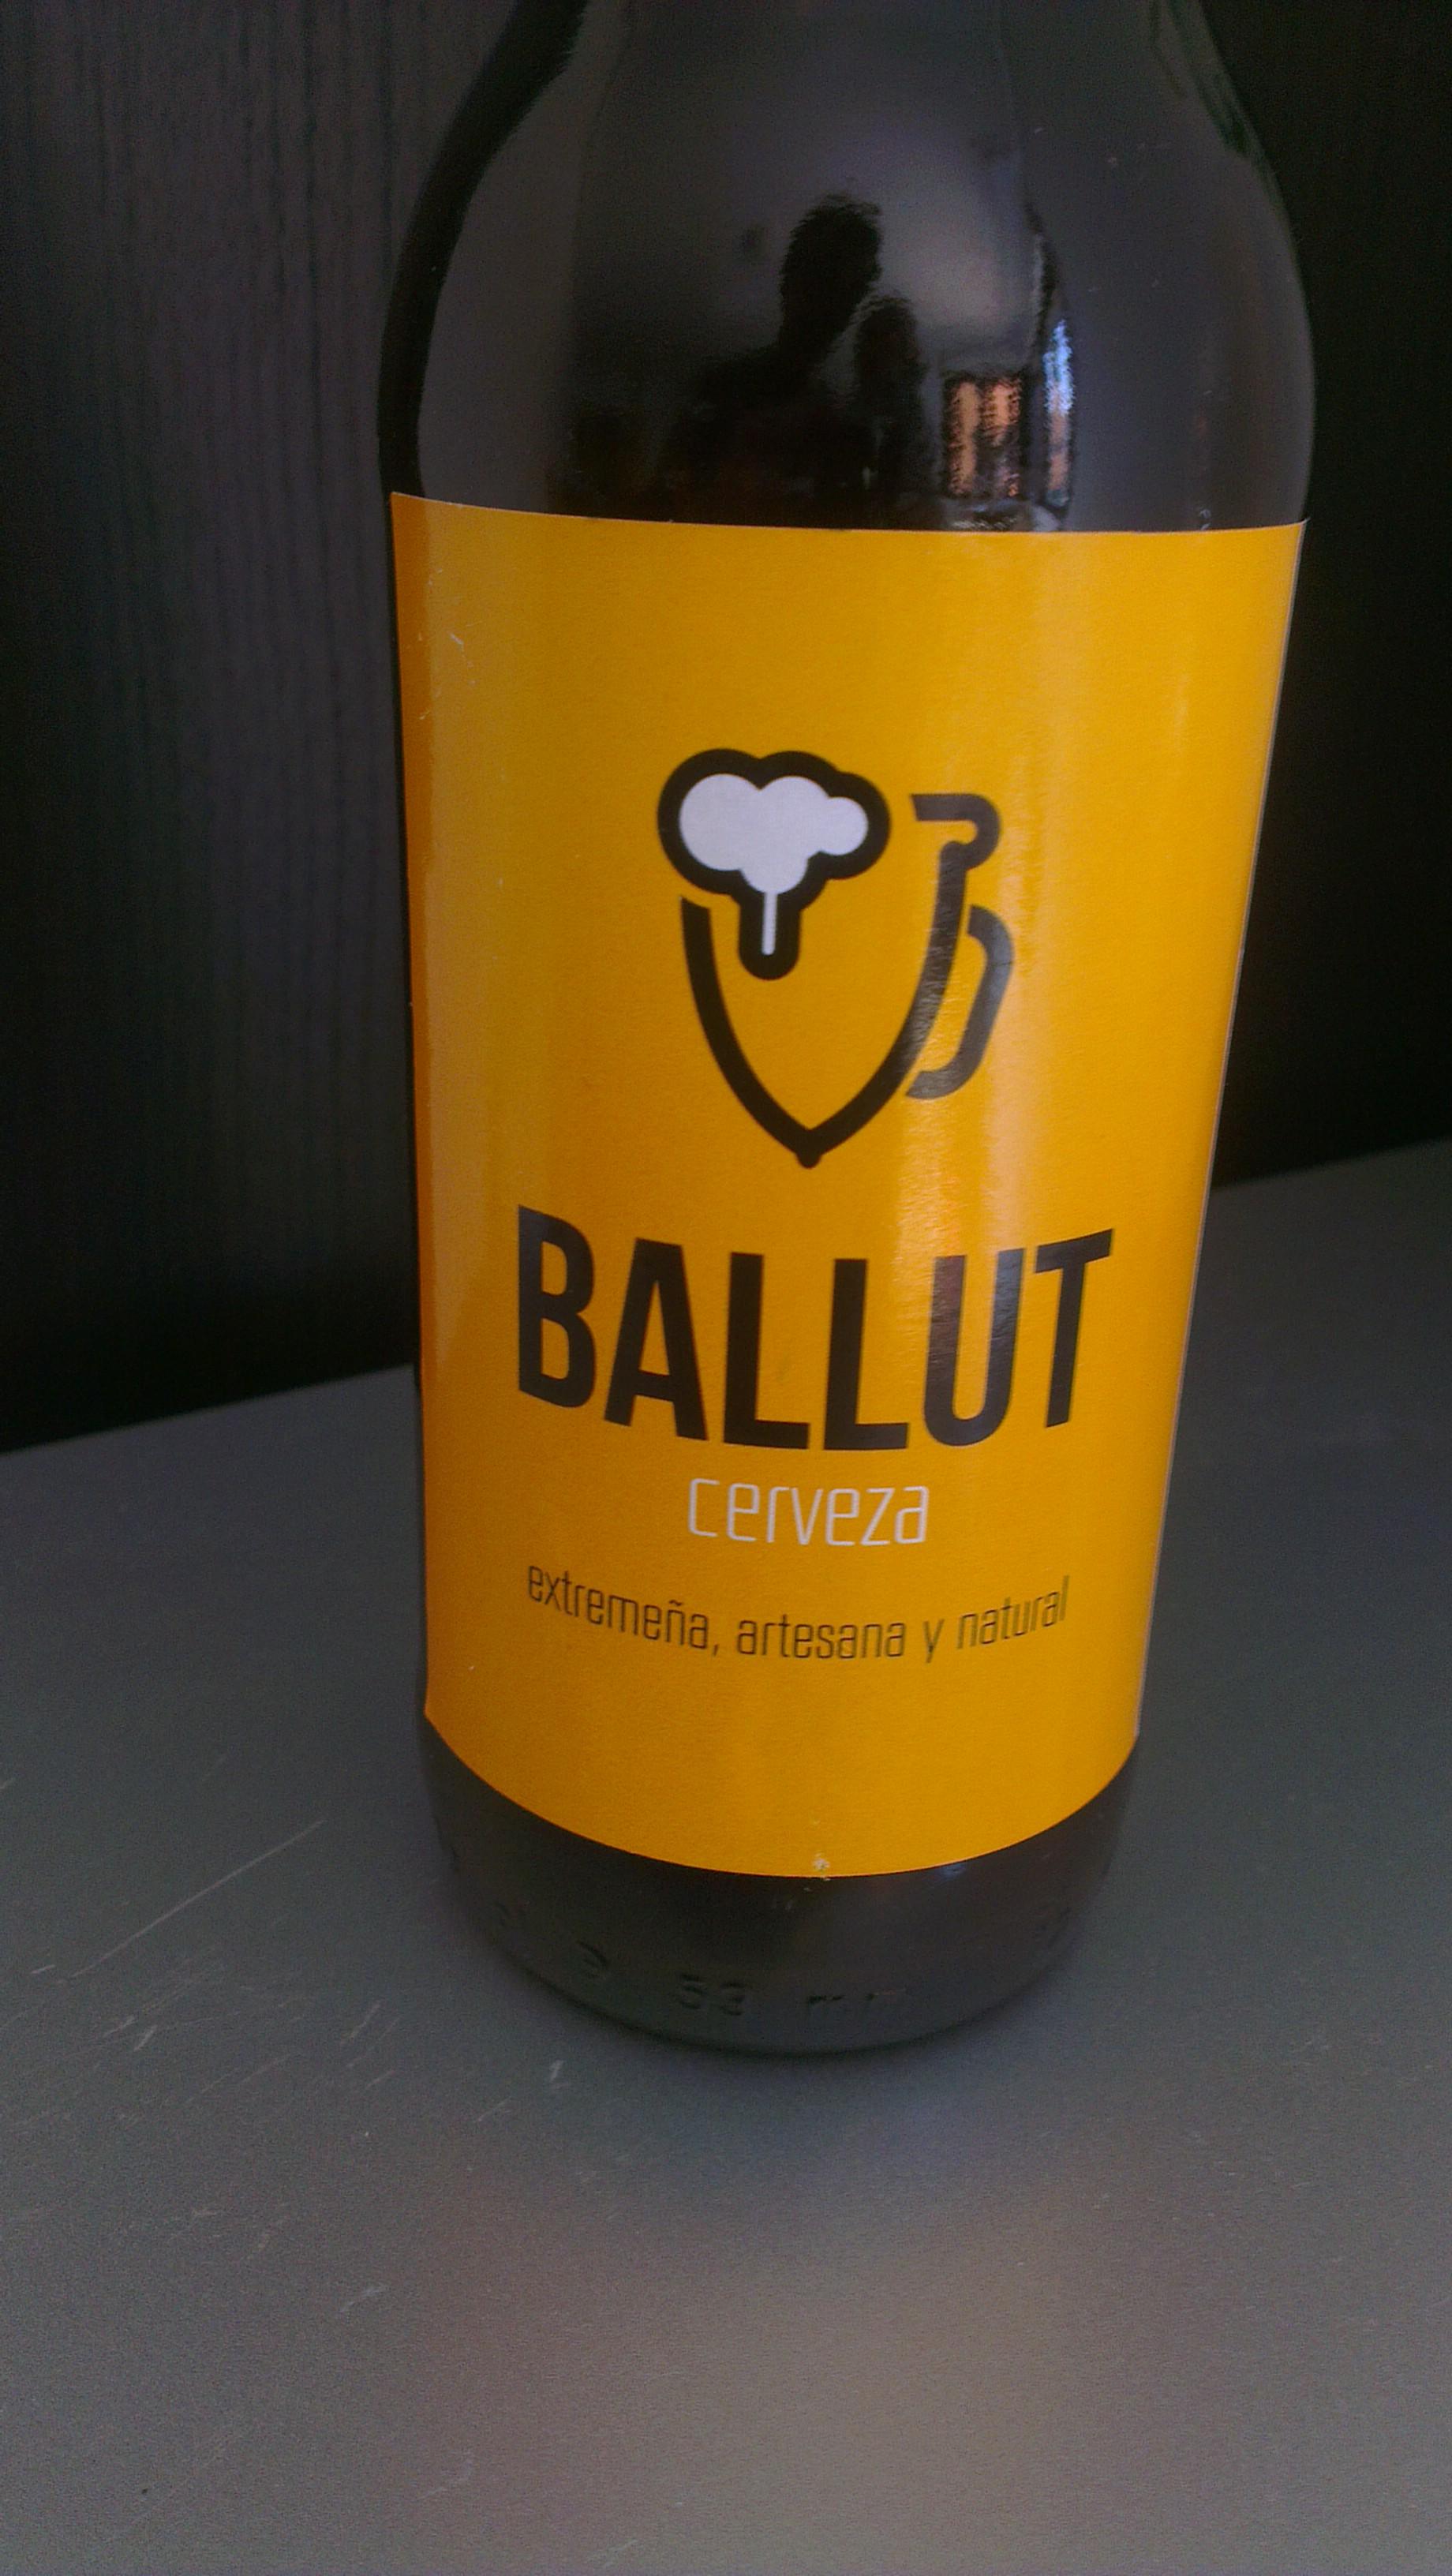 Ballut Blonde, esa peazo de cerveza extremeña!